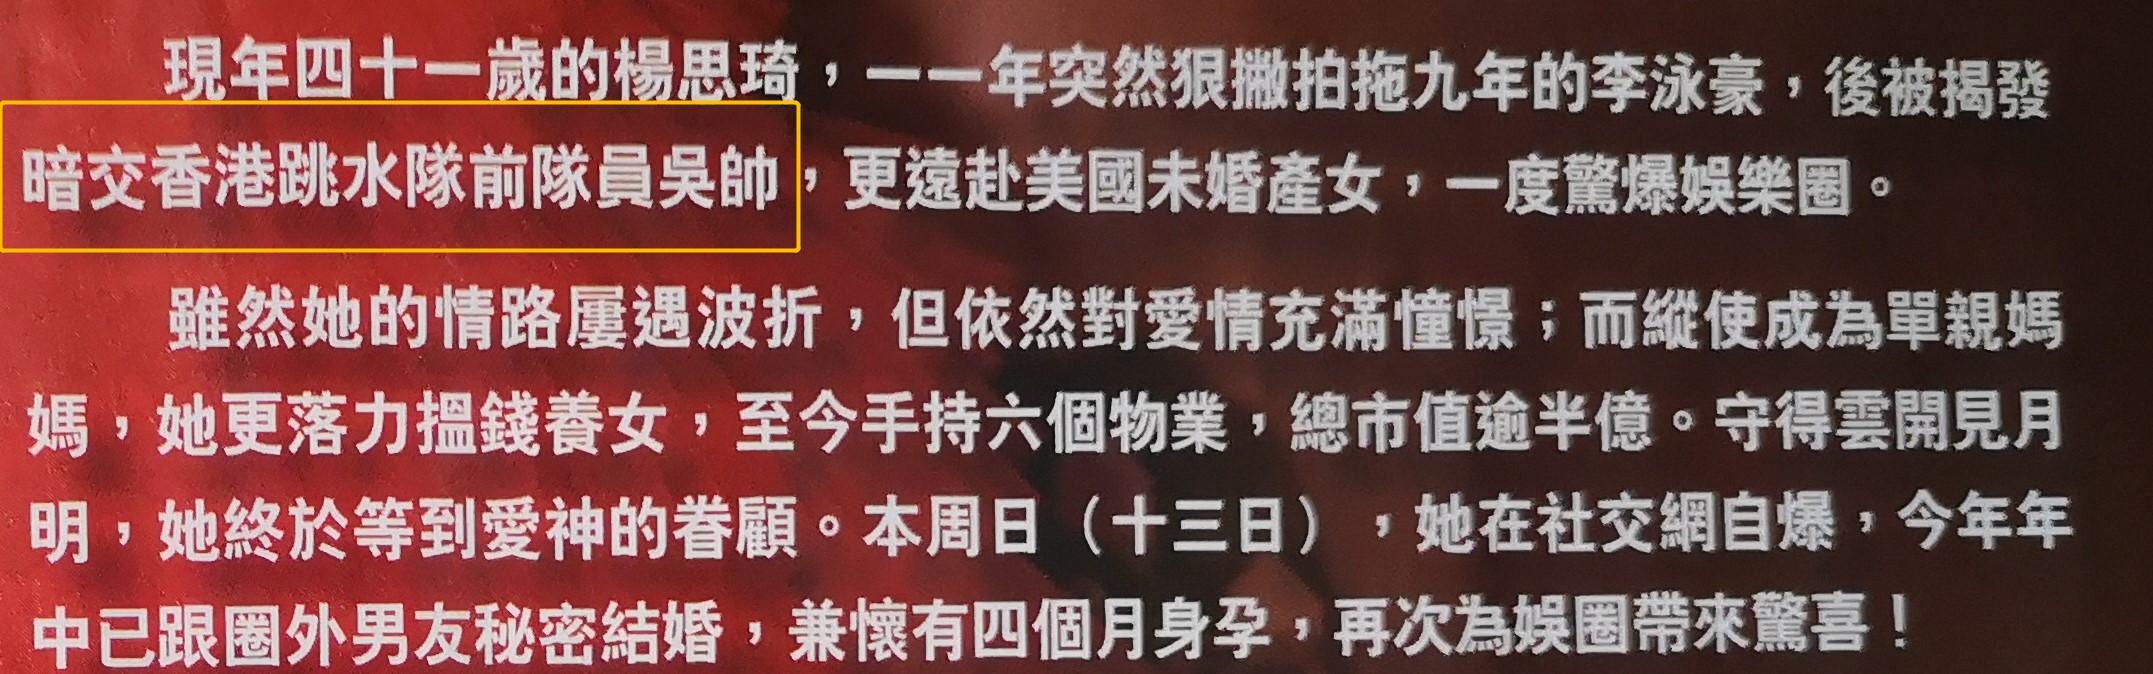 思琦老公:港姐冠军杨思琦欲办婚礼,与老公定情信物曝光价值3万6